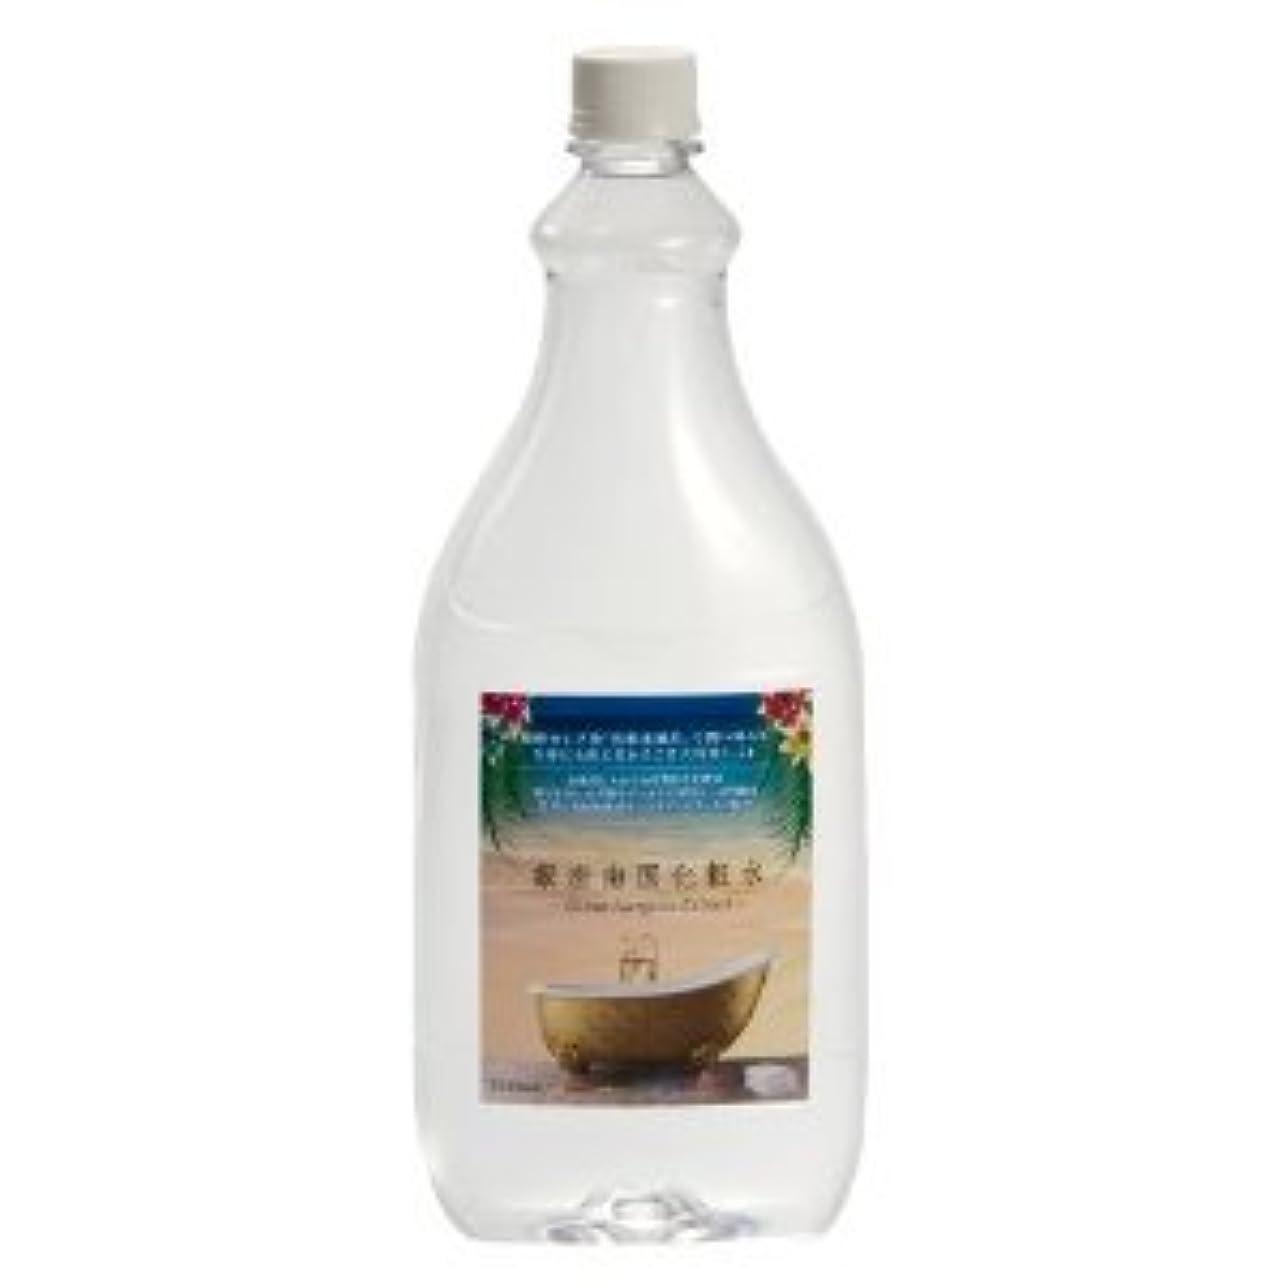 炎上必要性事故銀座南国化粧水 (1000ml) スプレーボトル付きセット